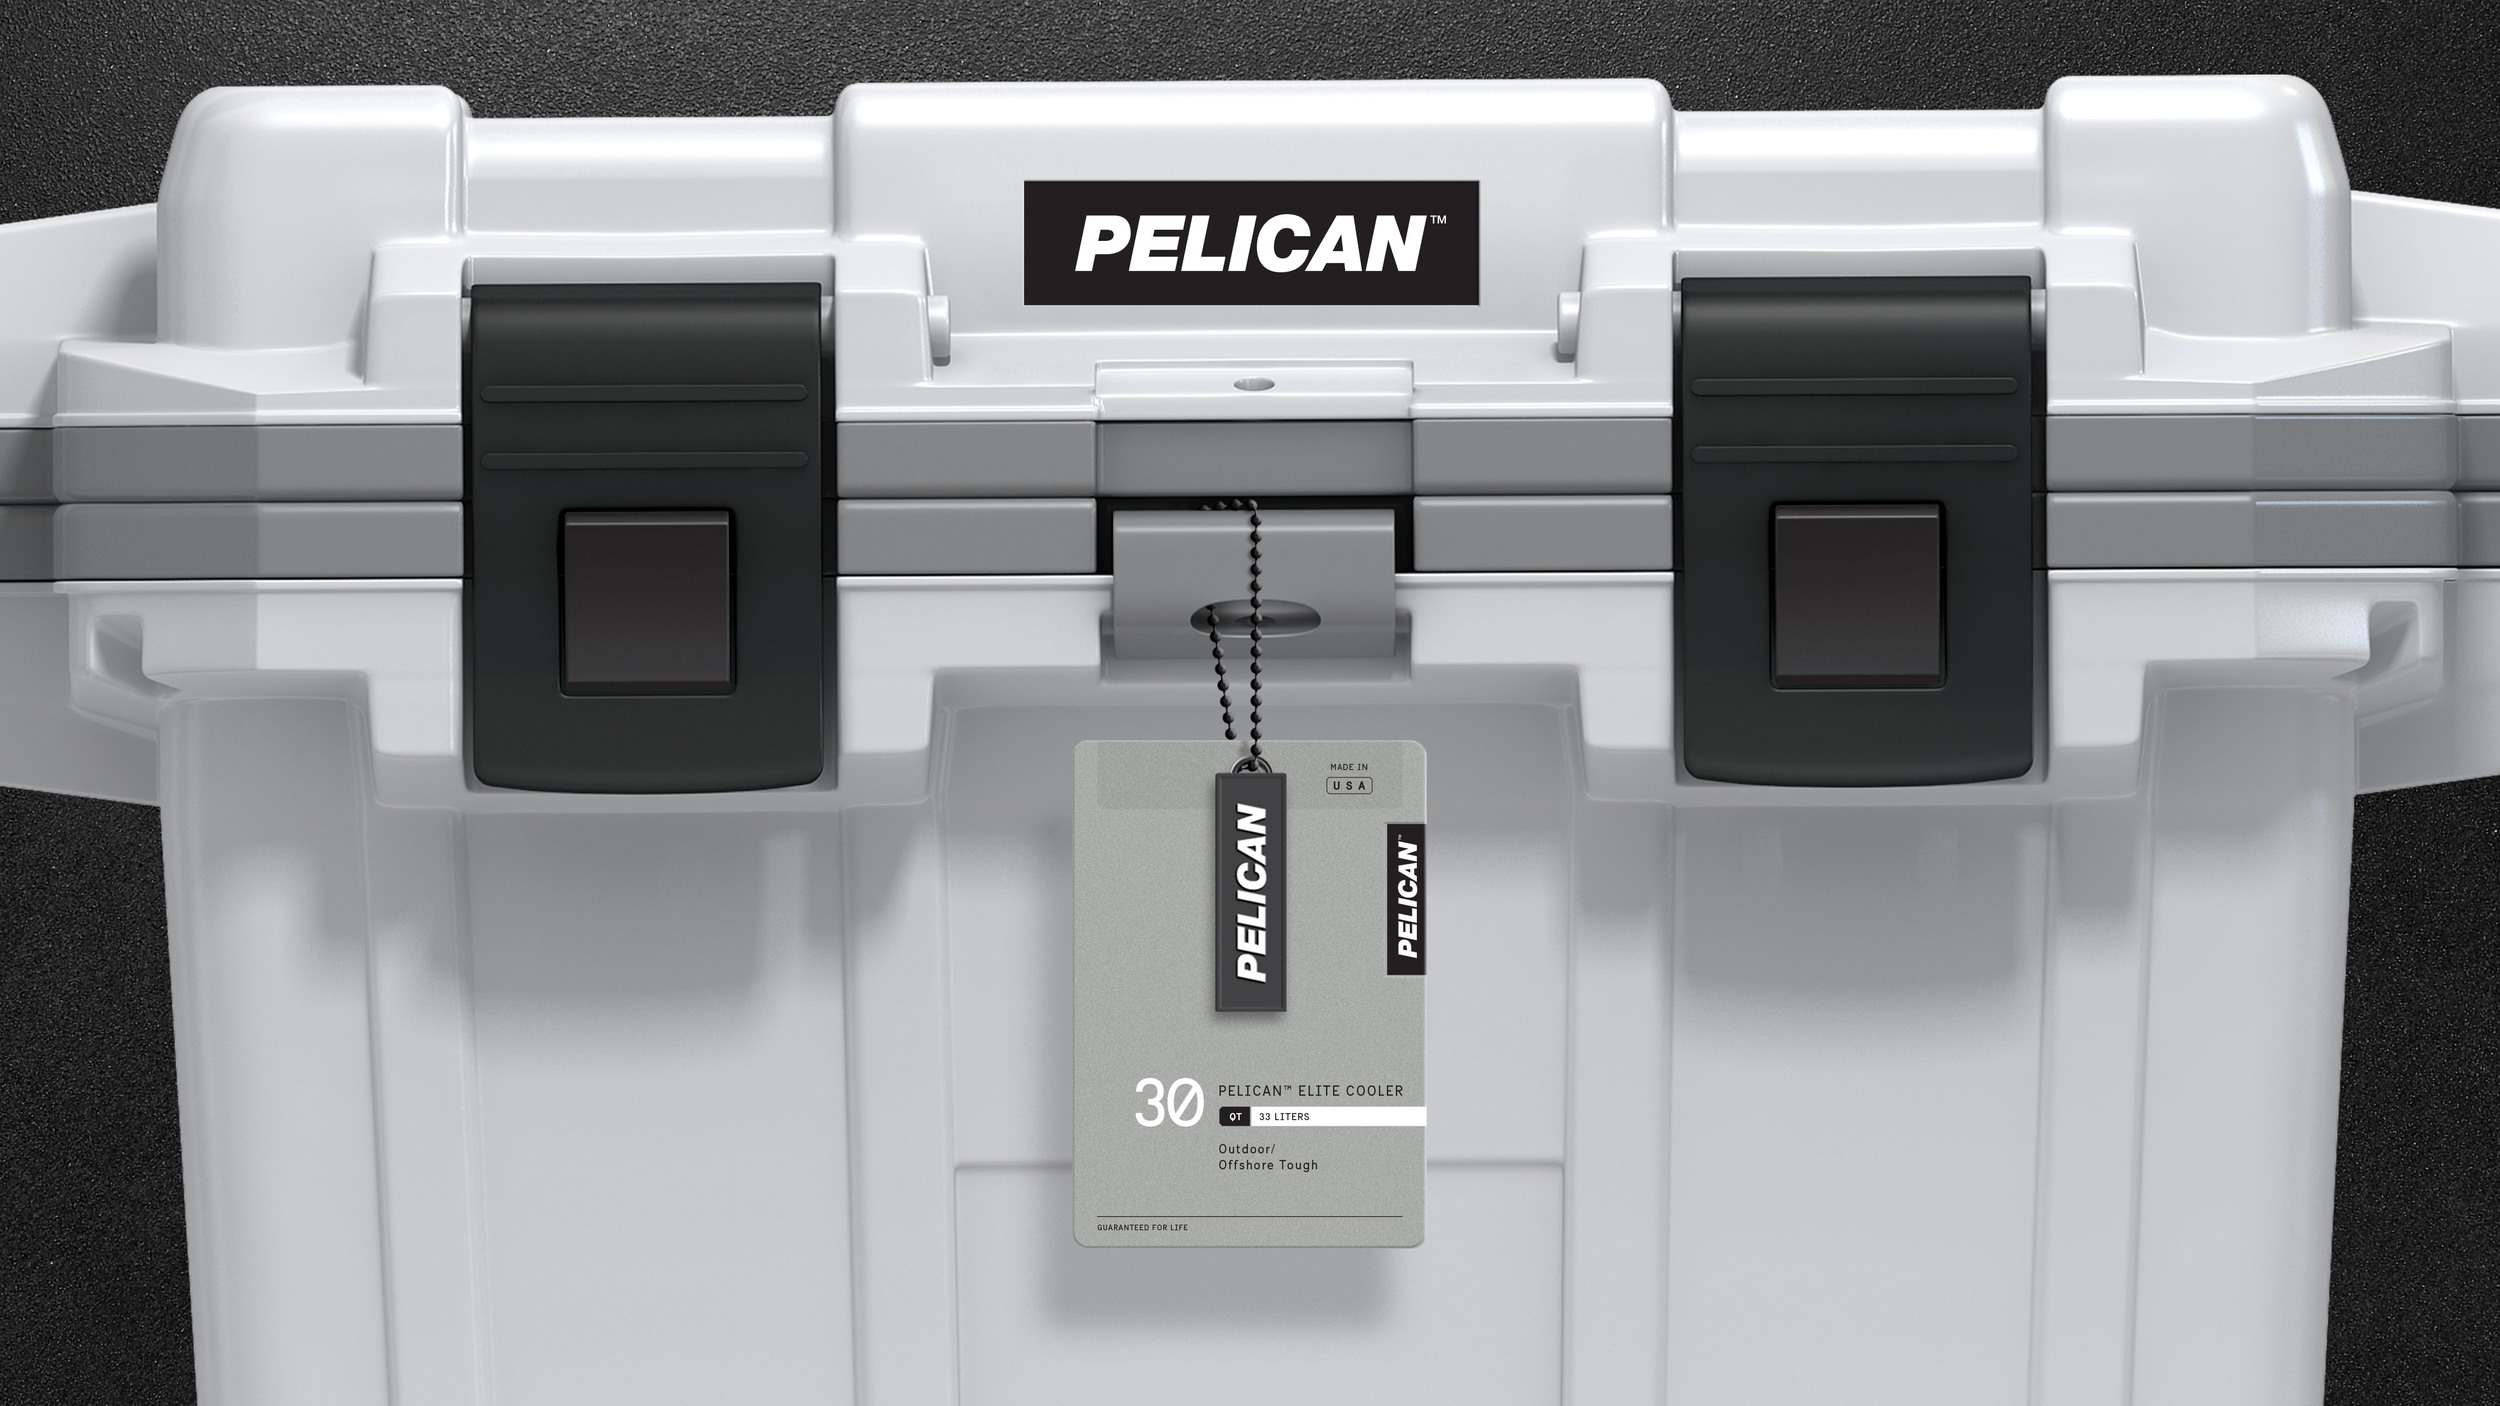 Pelican_UDSN_Web_07.jpg